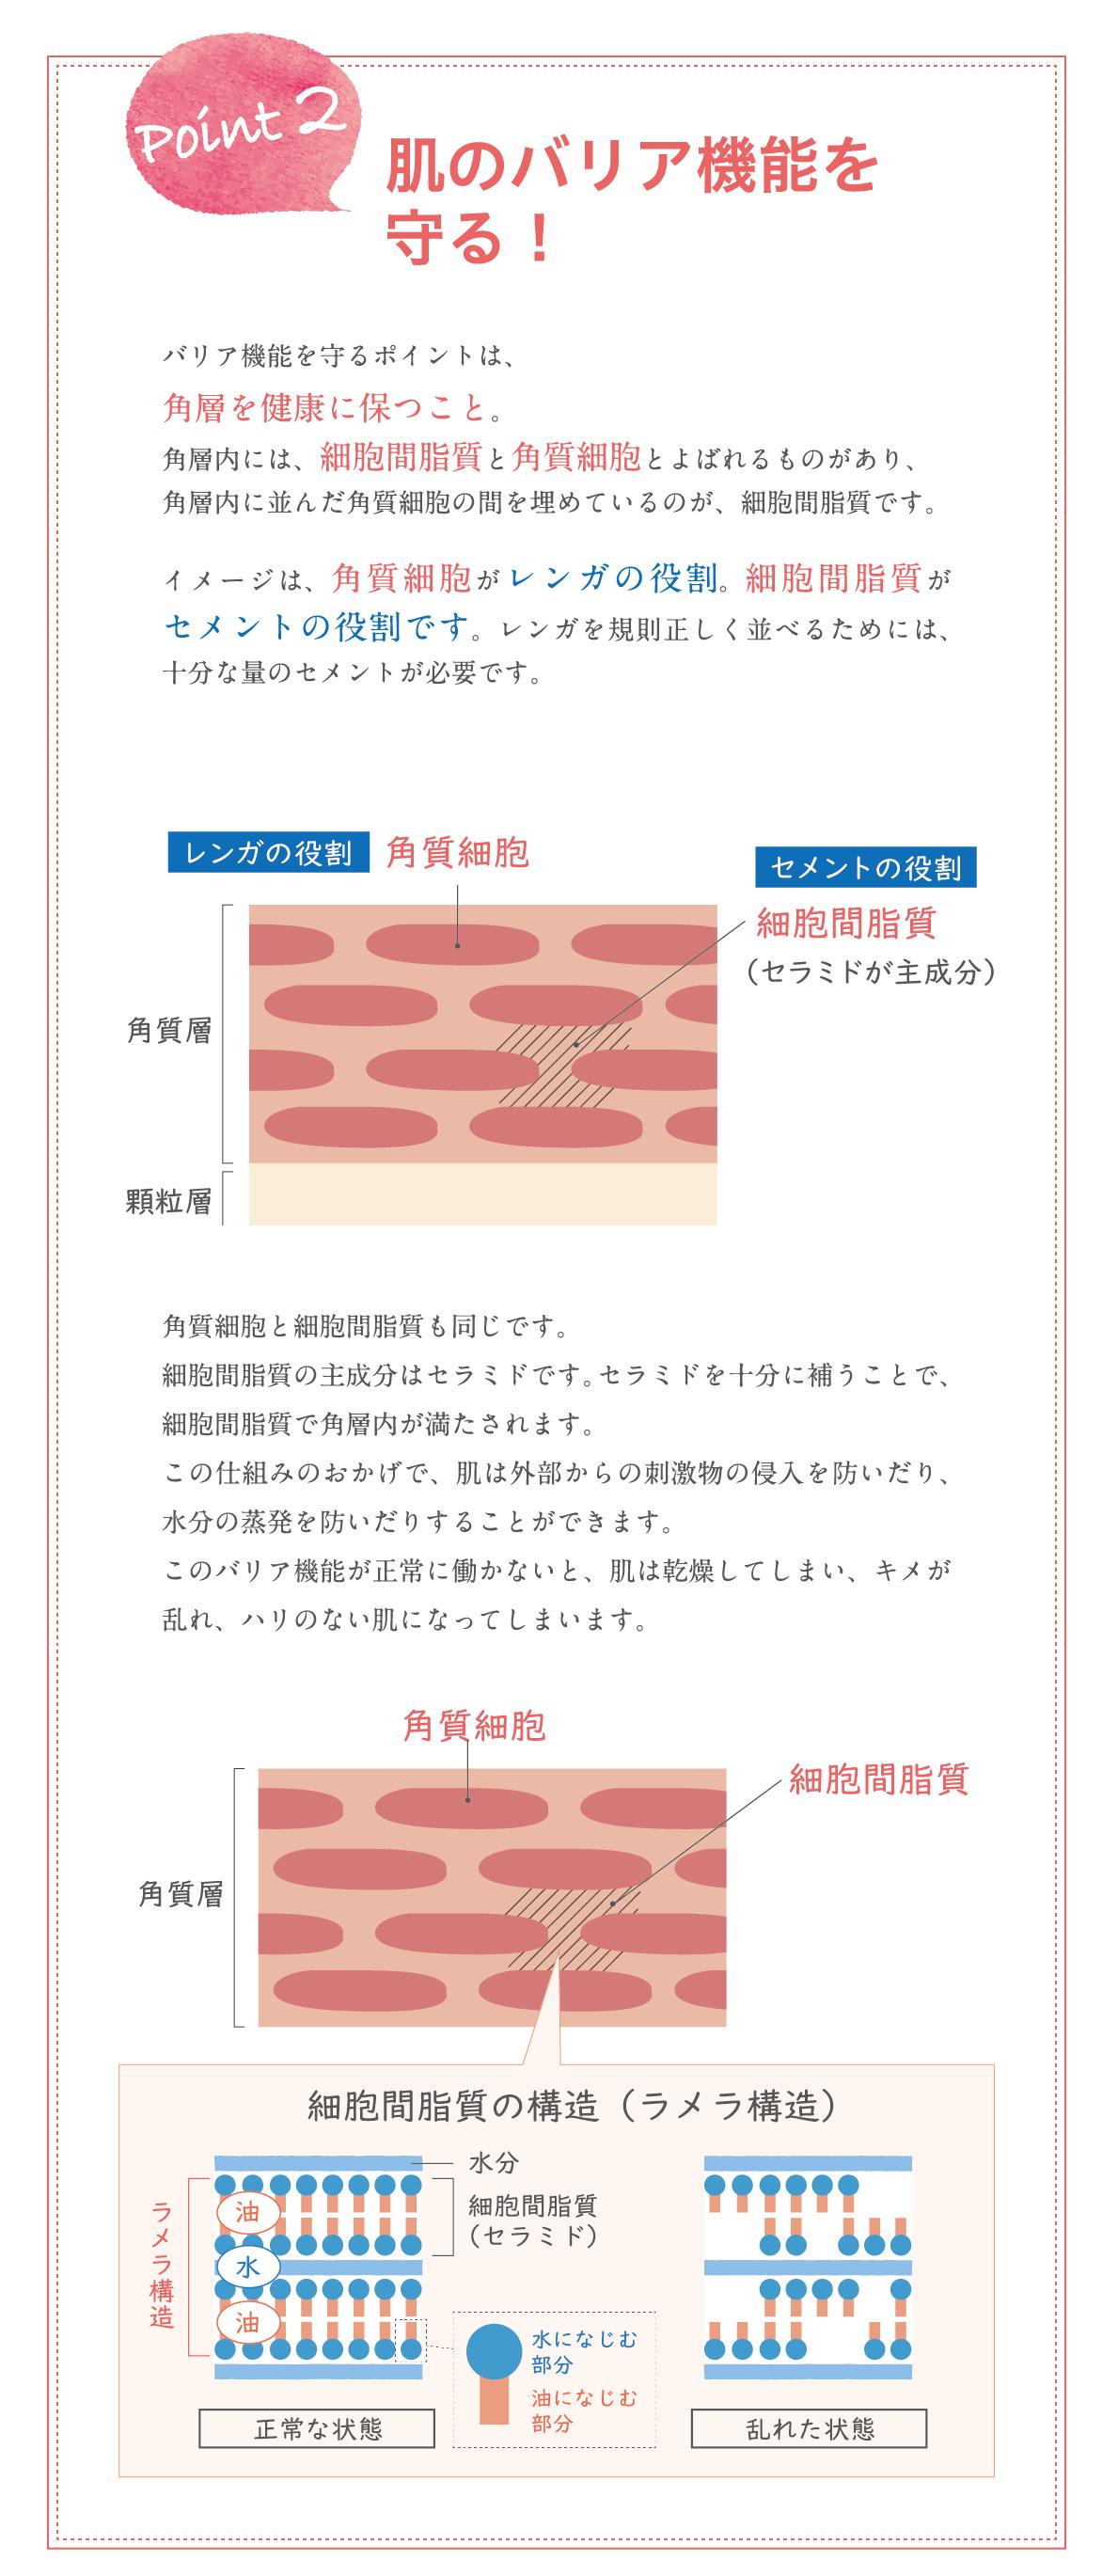 肌の乾燥を防ぐPOINT2_肌のバリア機能を守る